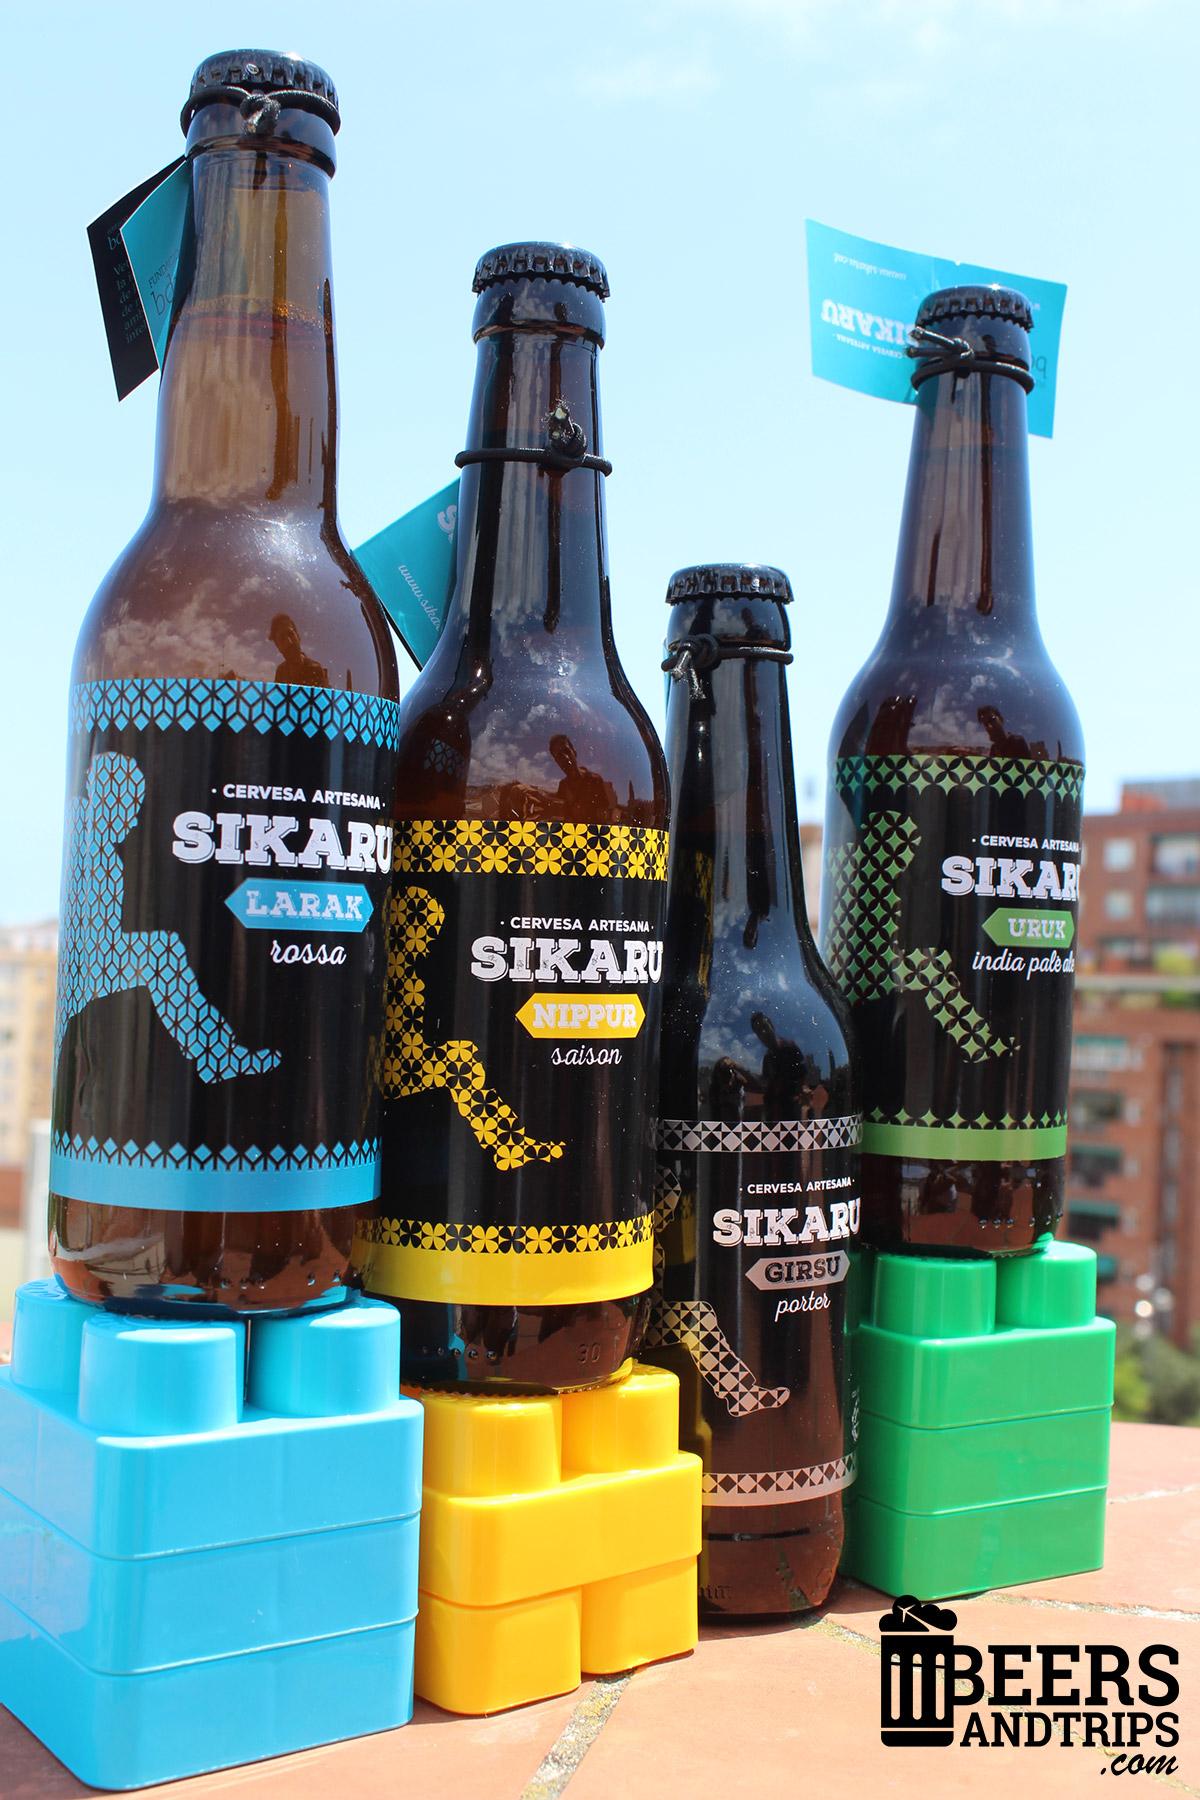 Los 4 estilos de Cervezas Sikaru